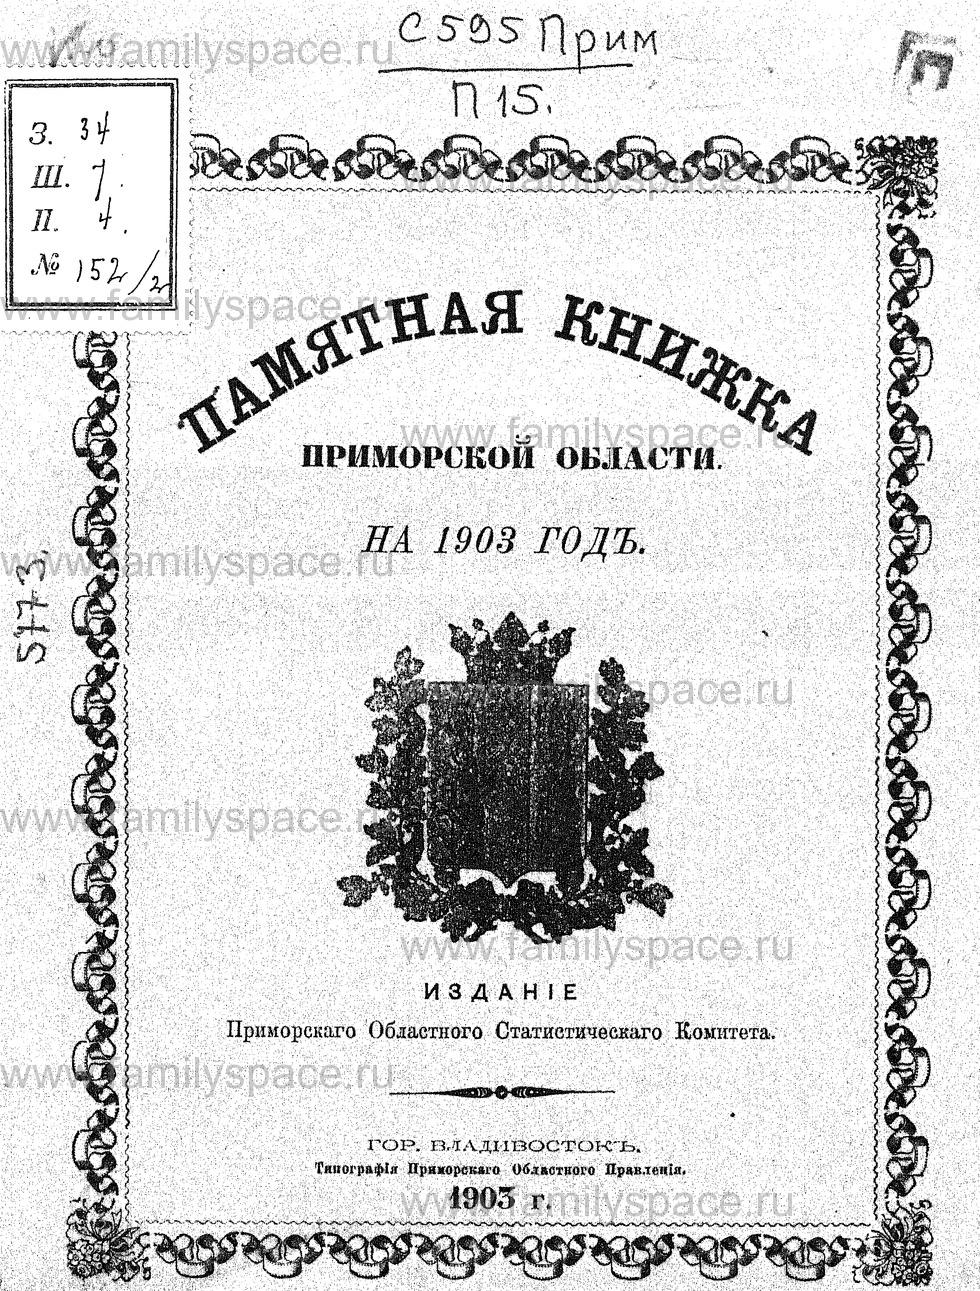 Поиск по фамилии - Памятная книжка Приморской области на 1903 г, страница 2